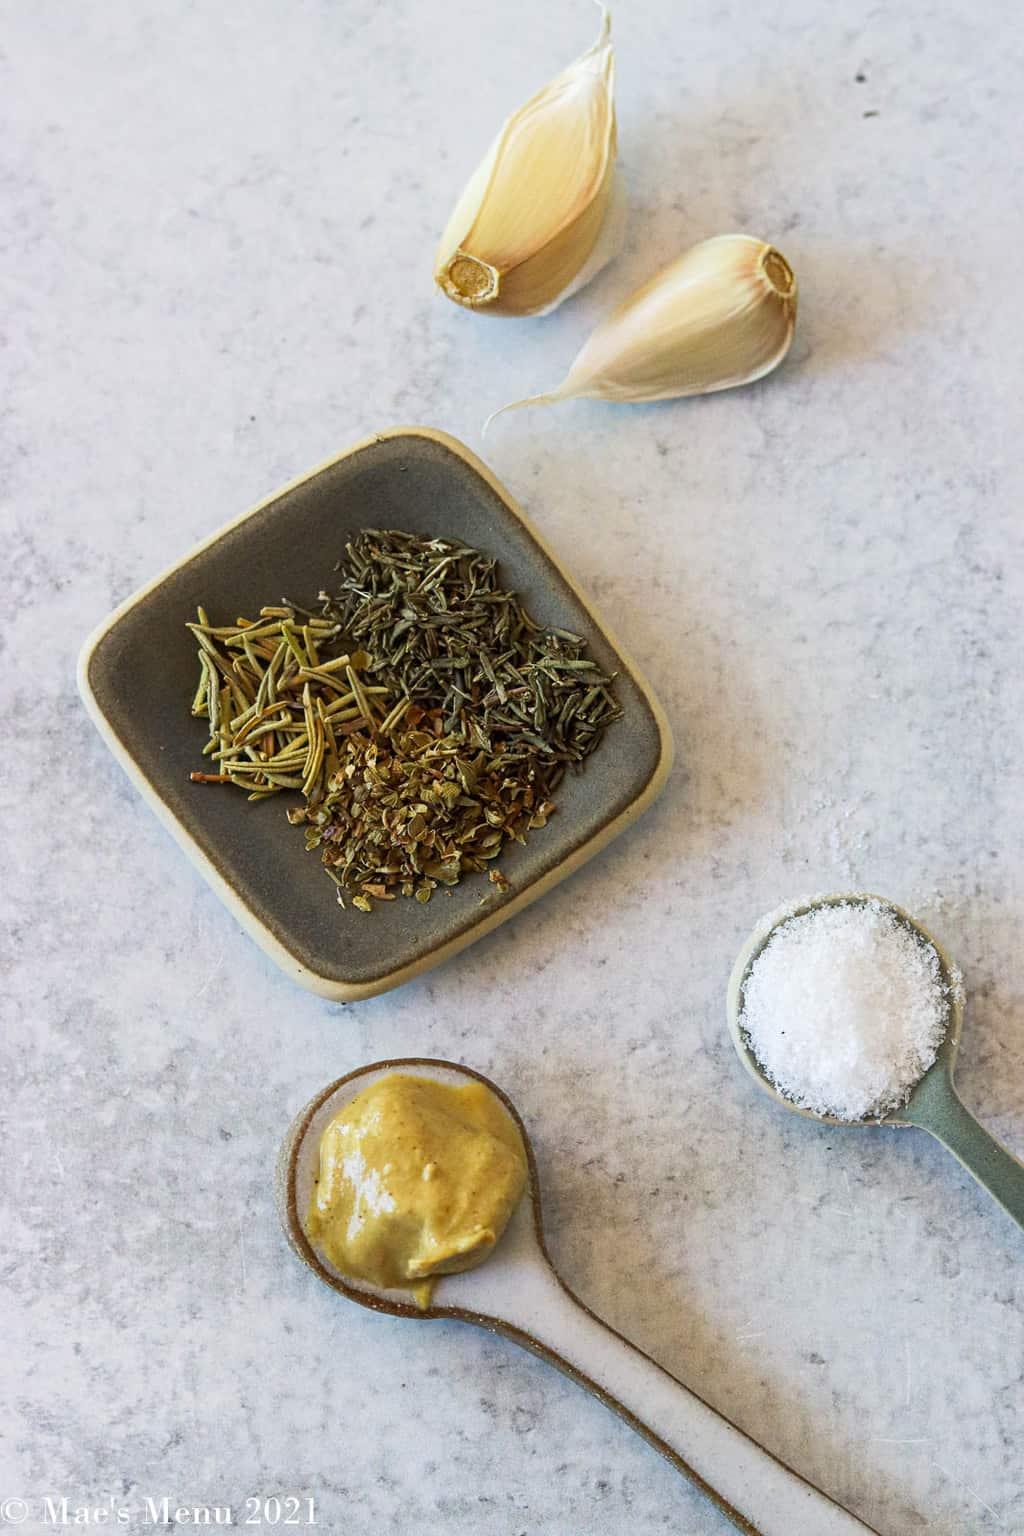 Garlic cloves, dried herbs, salt, and Dijon mustard